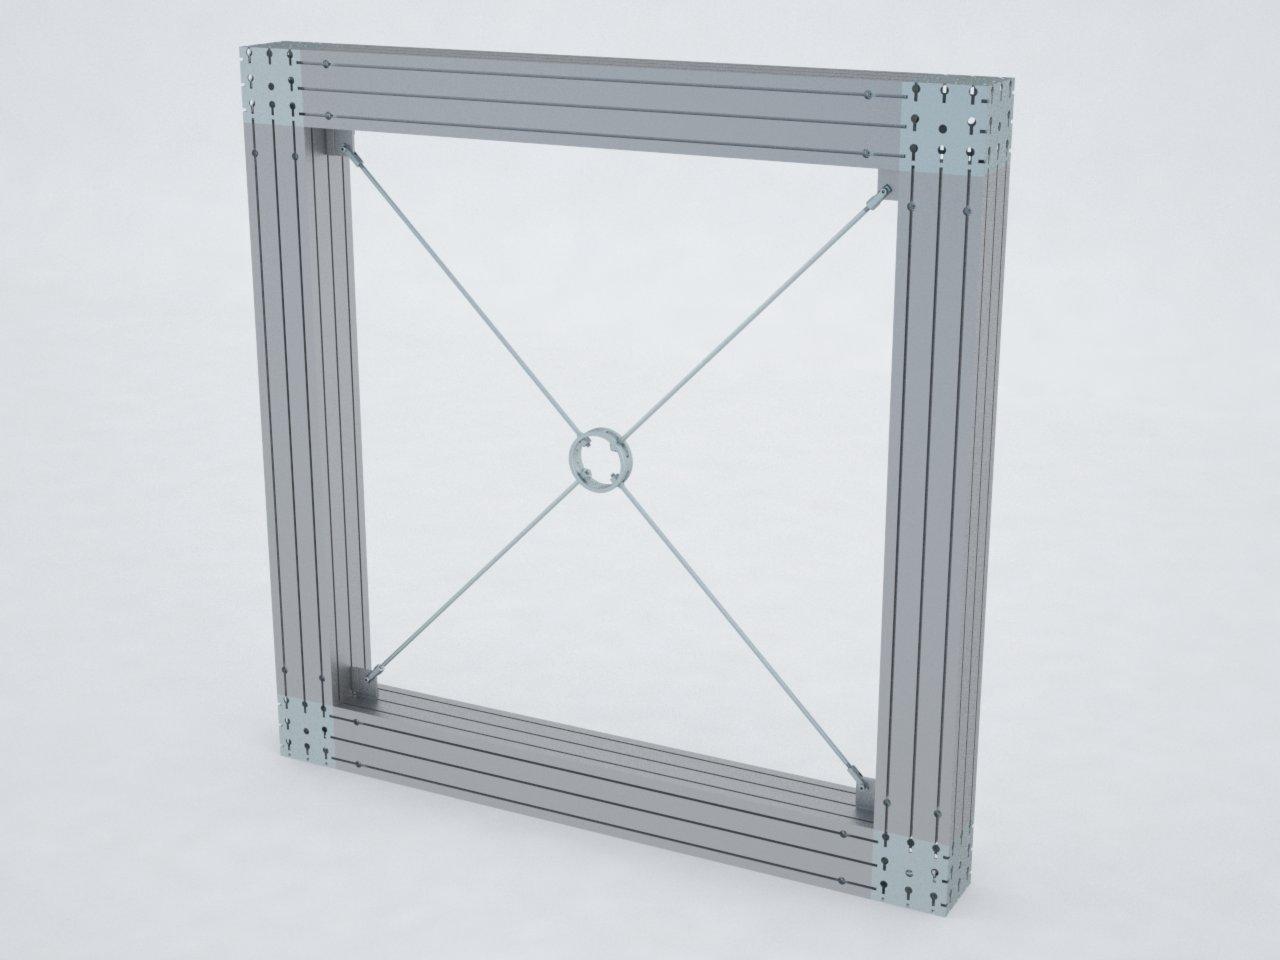 Conjunto de tirante de aço para reforço de vãos montados com perfis de alumínio da Linha Multi